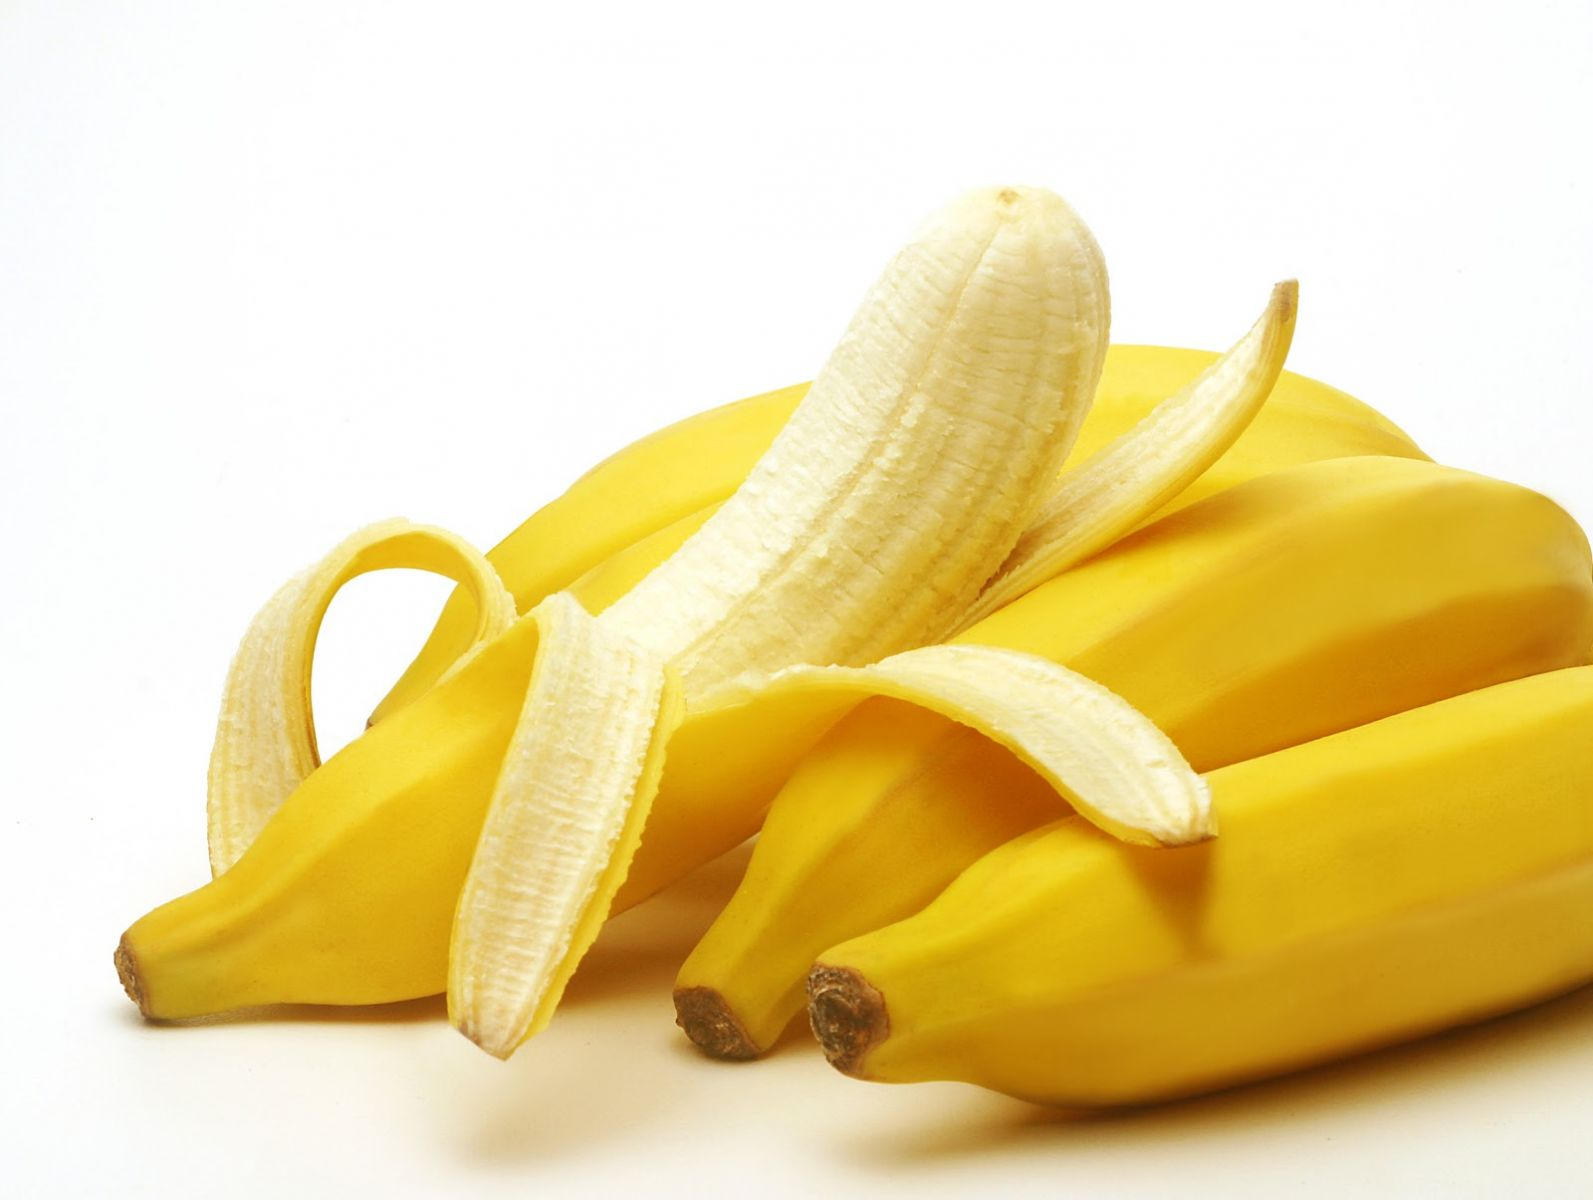 8 thực phẩm tăng cân nhanh cho người gầy hiệu quả ít ai ngờ tới